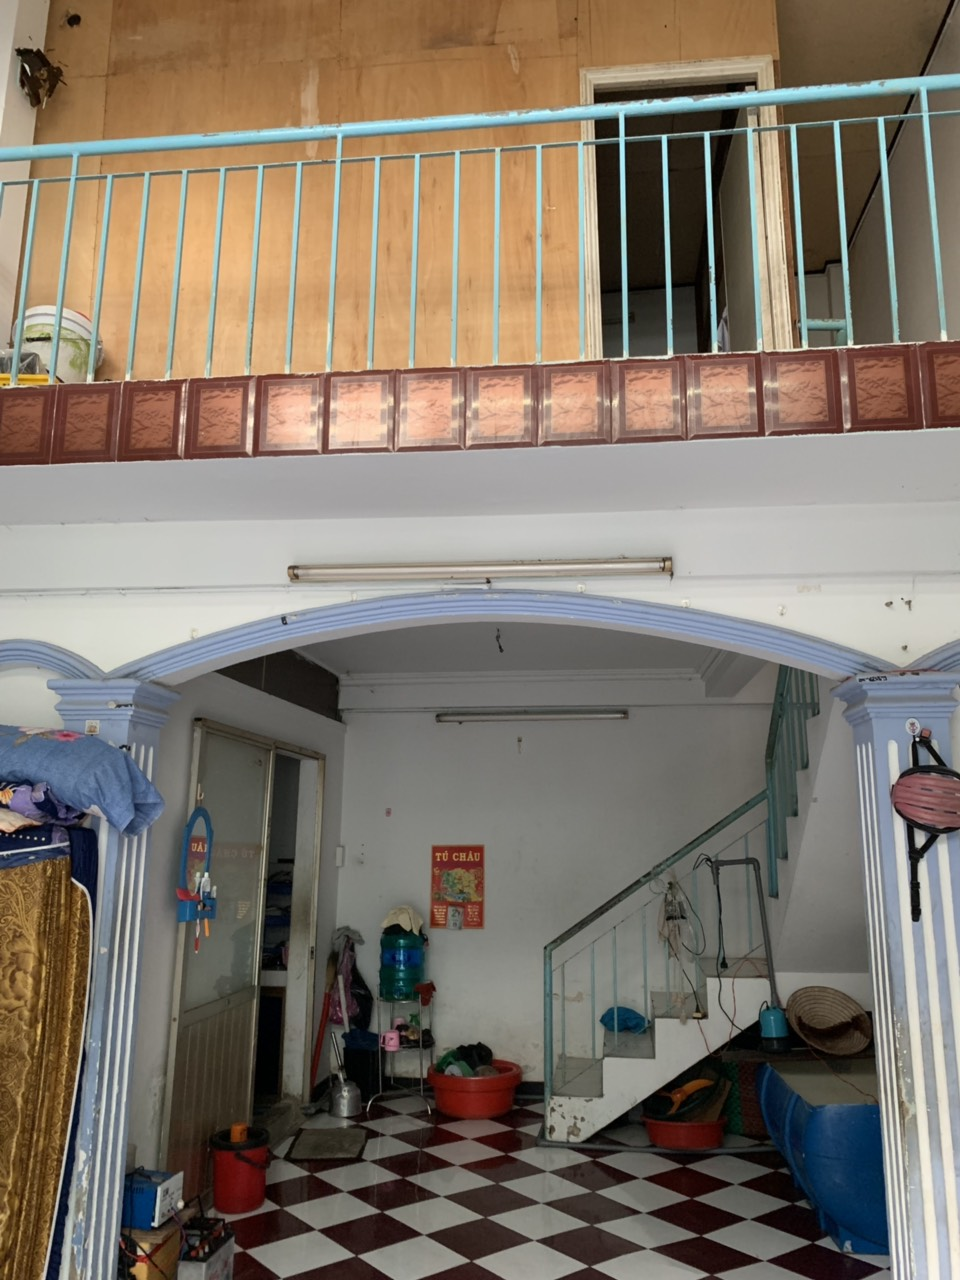 Bán nhà đường Phạm Thế Hiển phường 1 Quận 8, giáp Quận 1